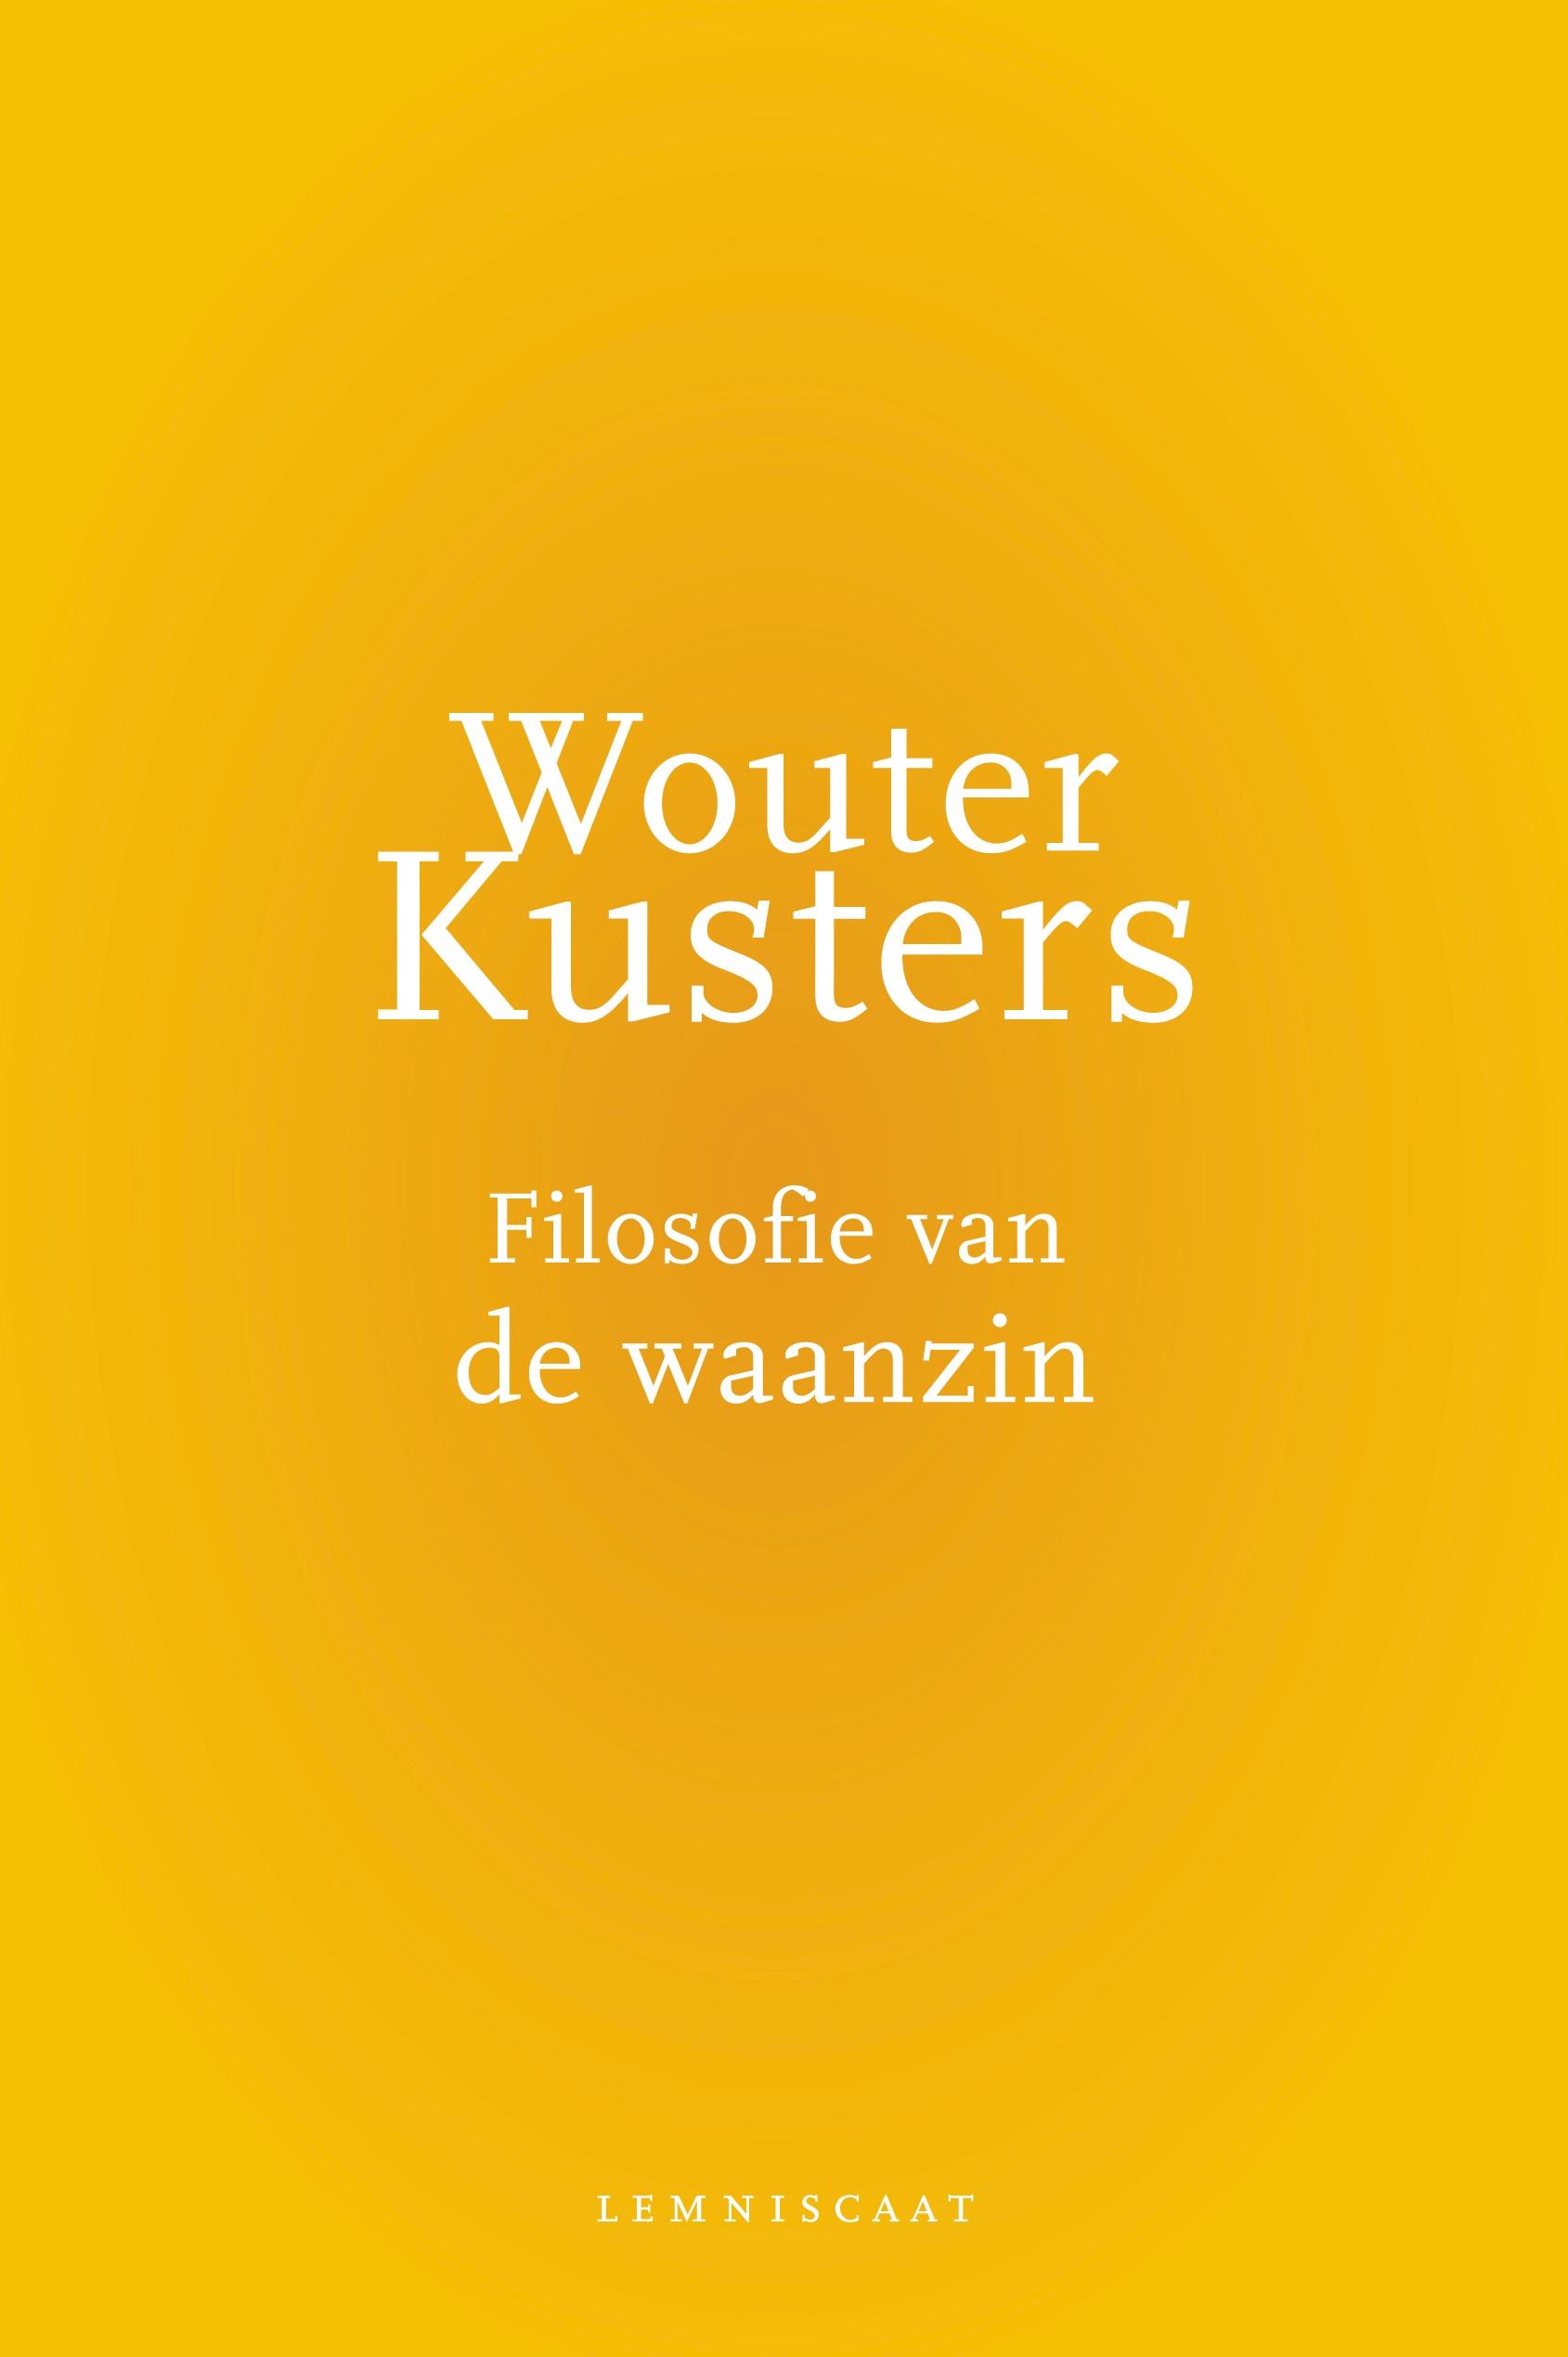 ISVW-iFilosofie #6 - Wouter Kusters, Filosofie van de waanzin